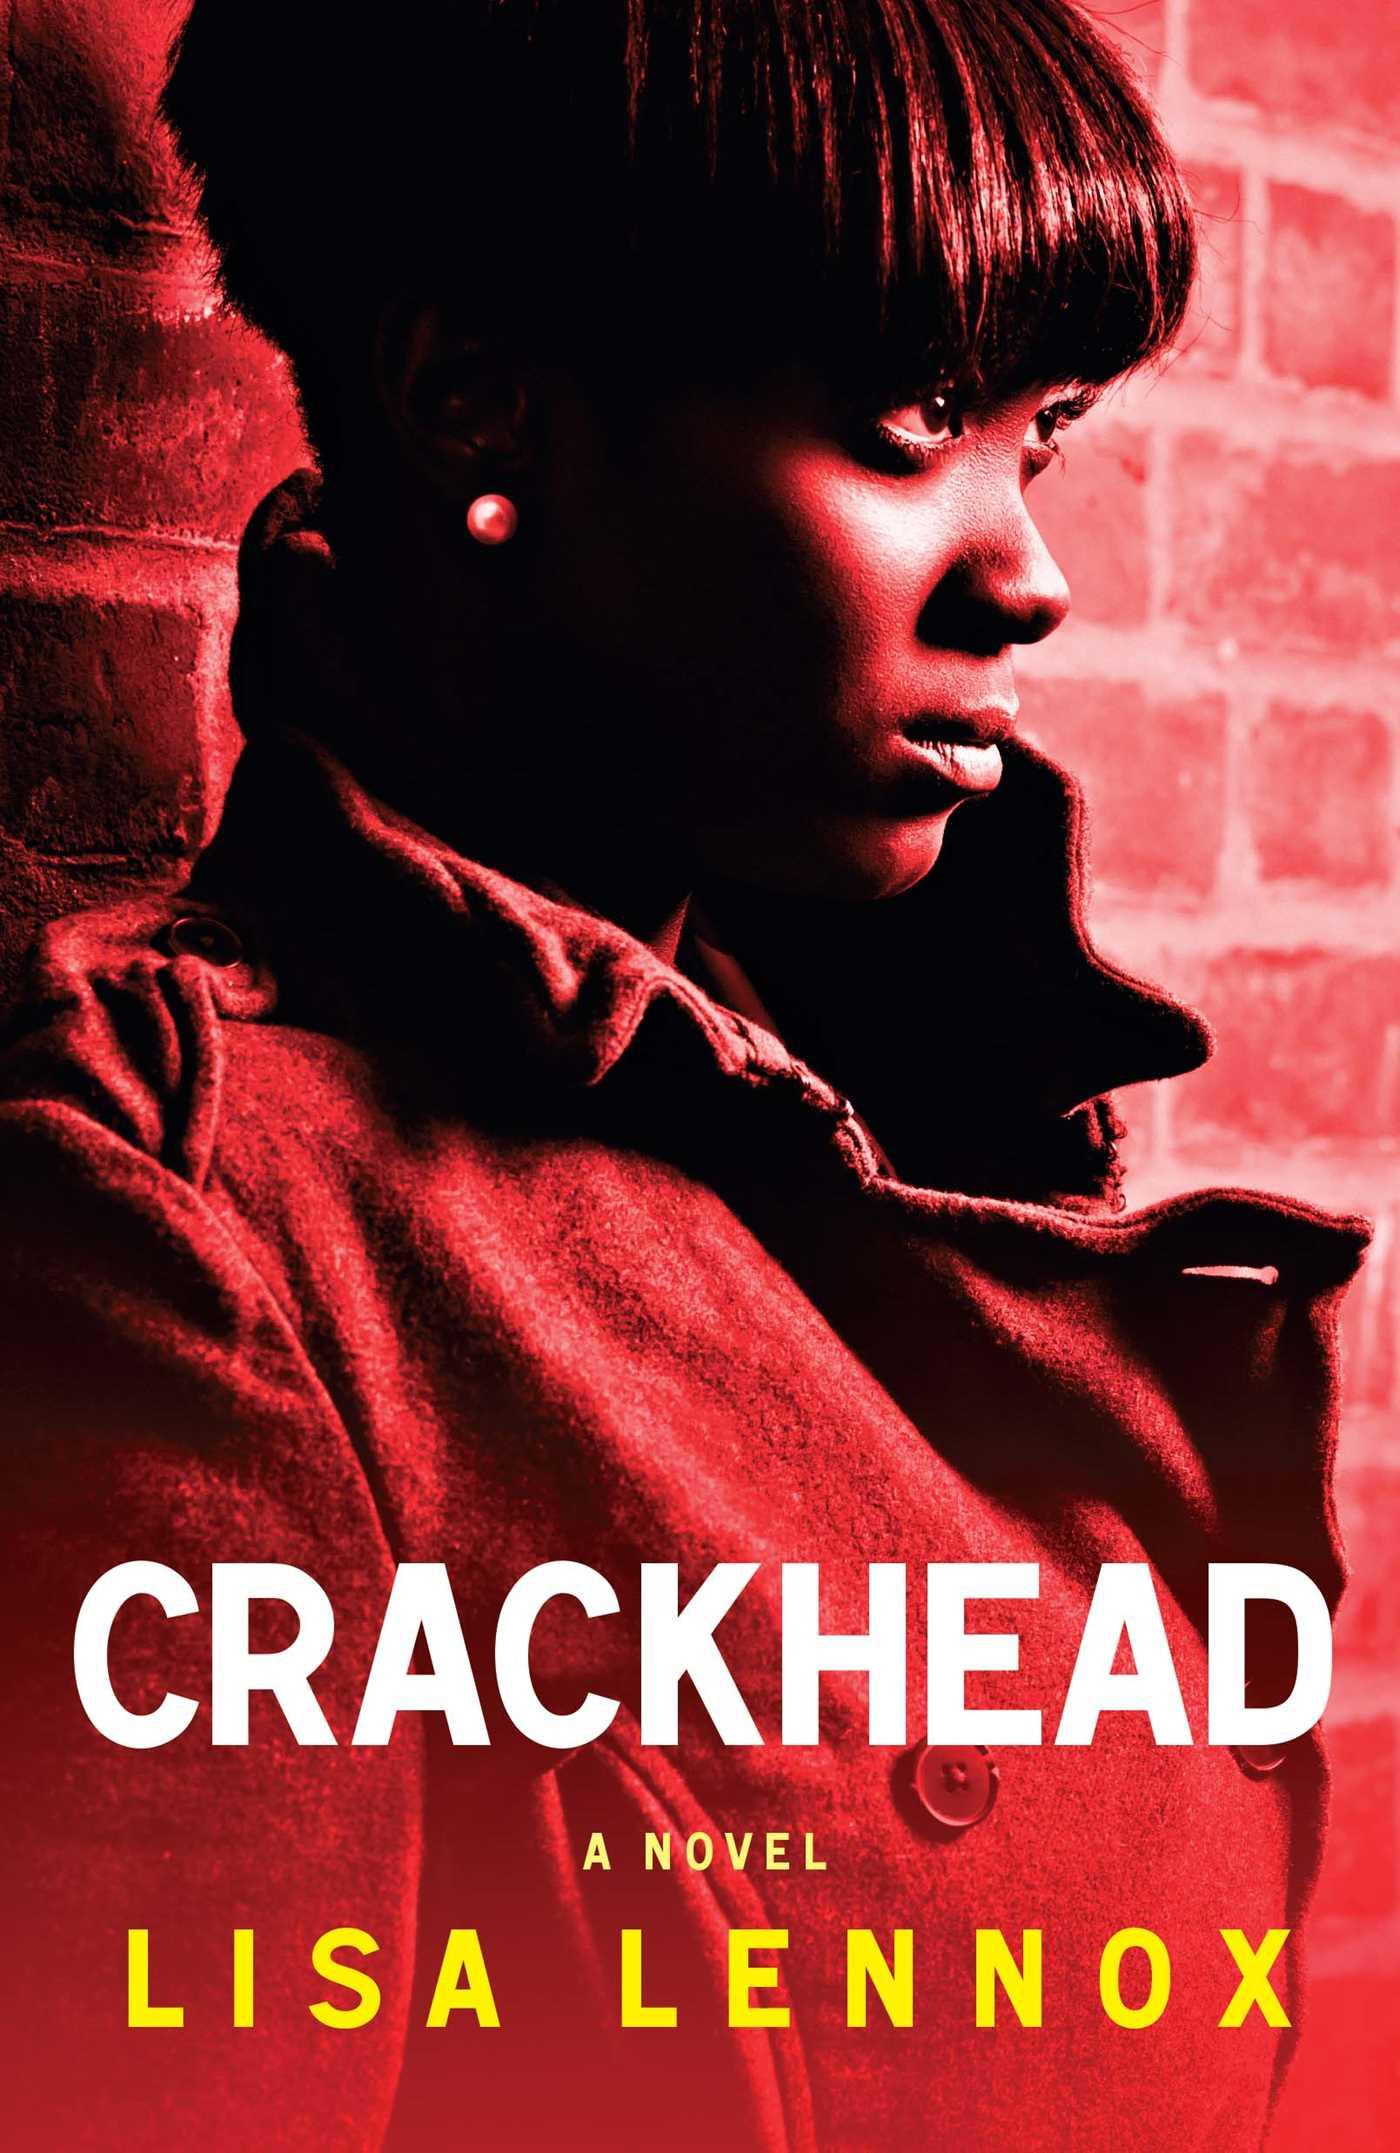 Crackhead 9781451661743 hr